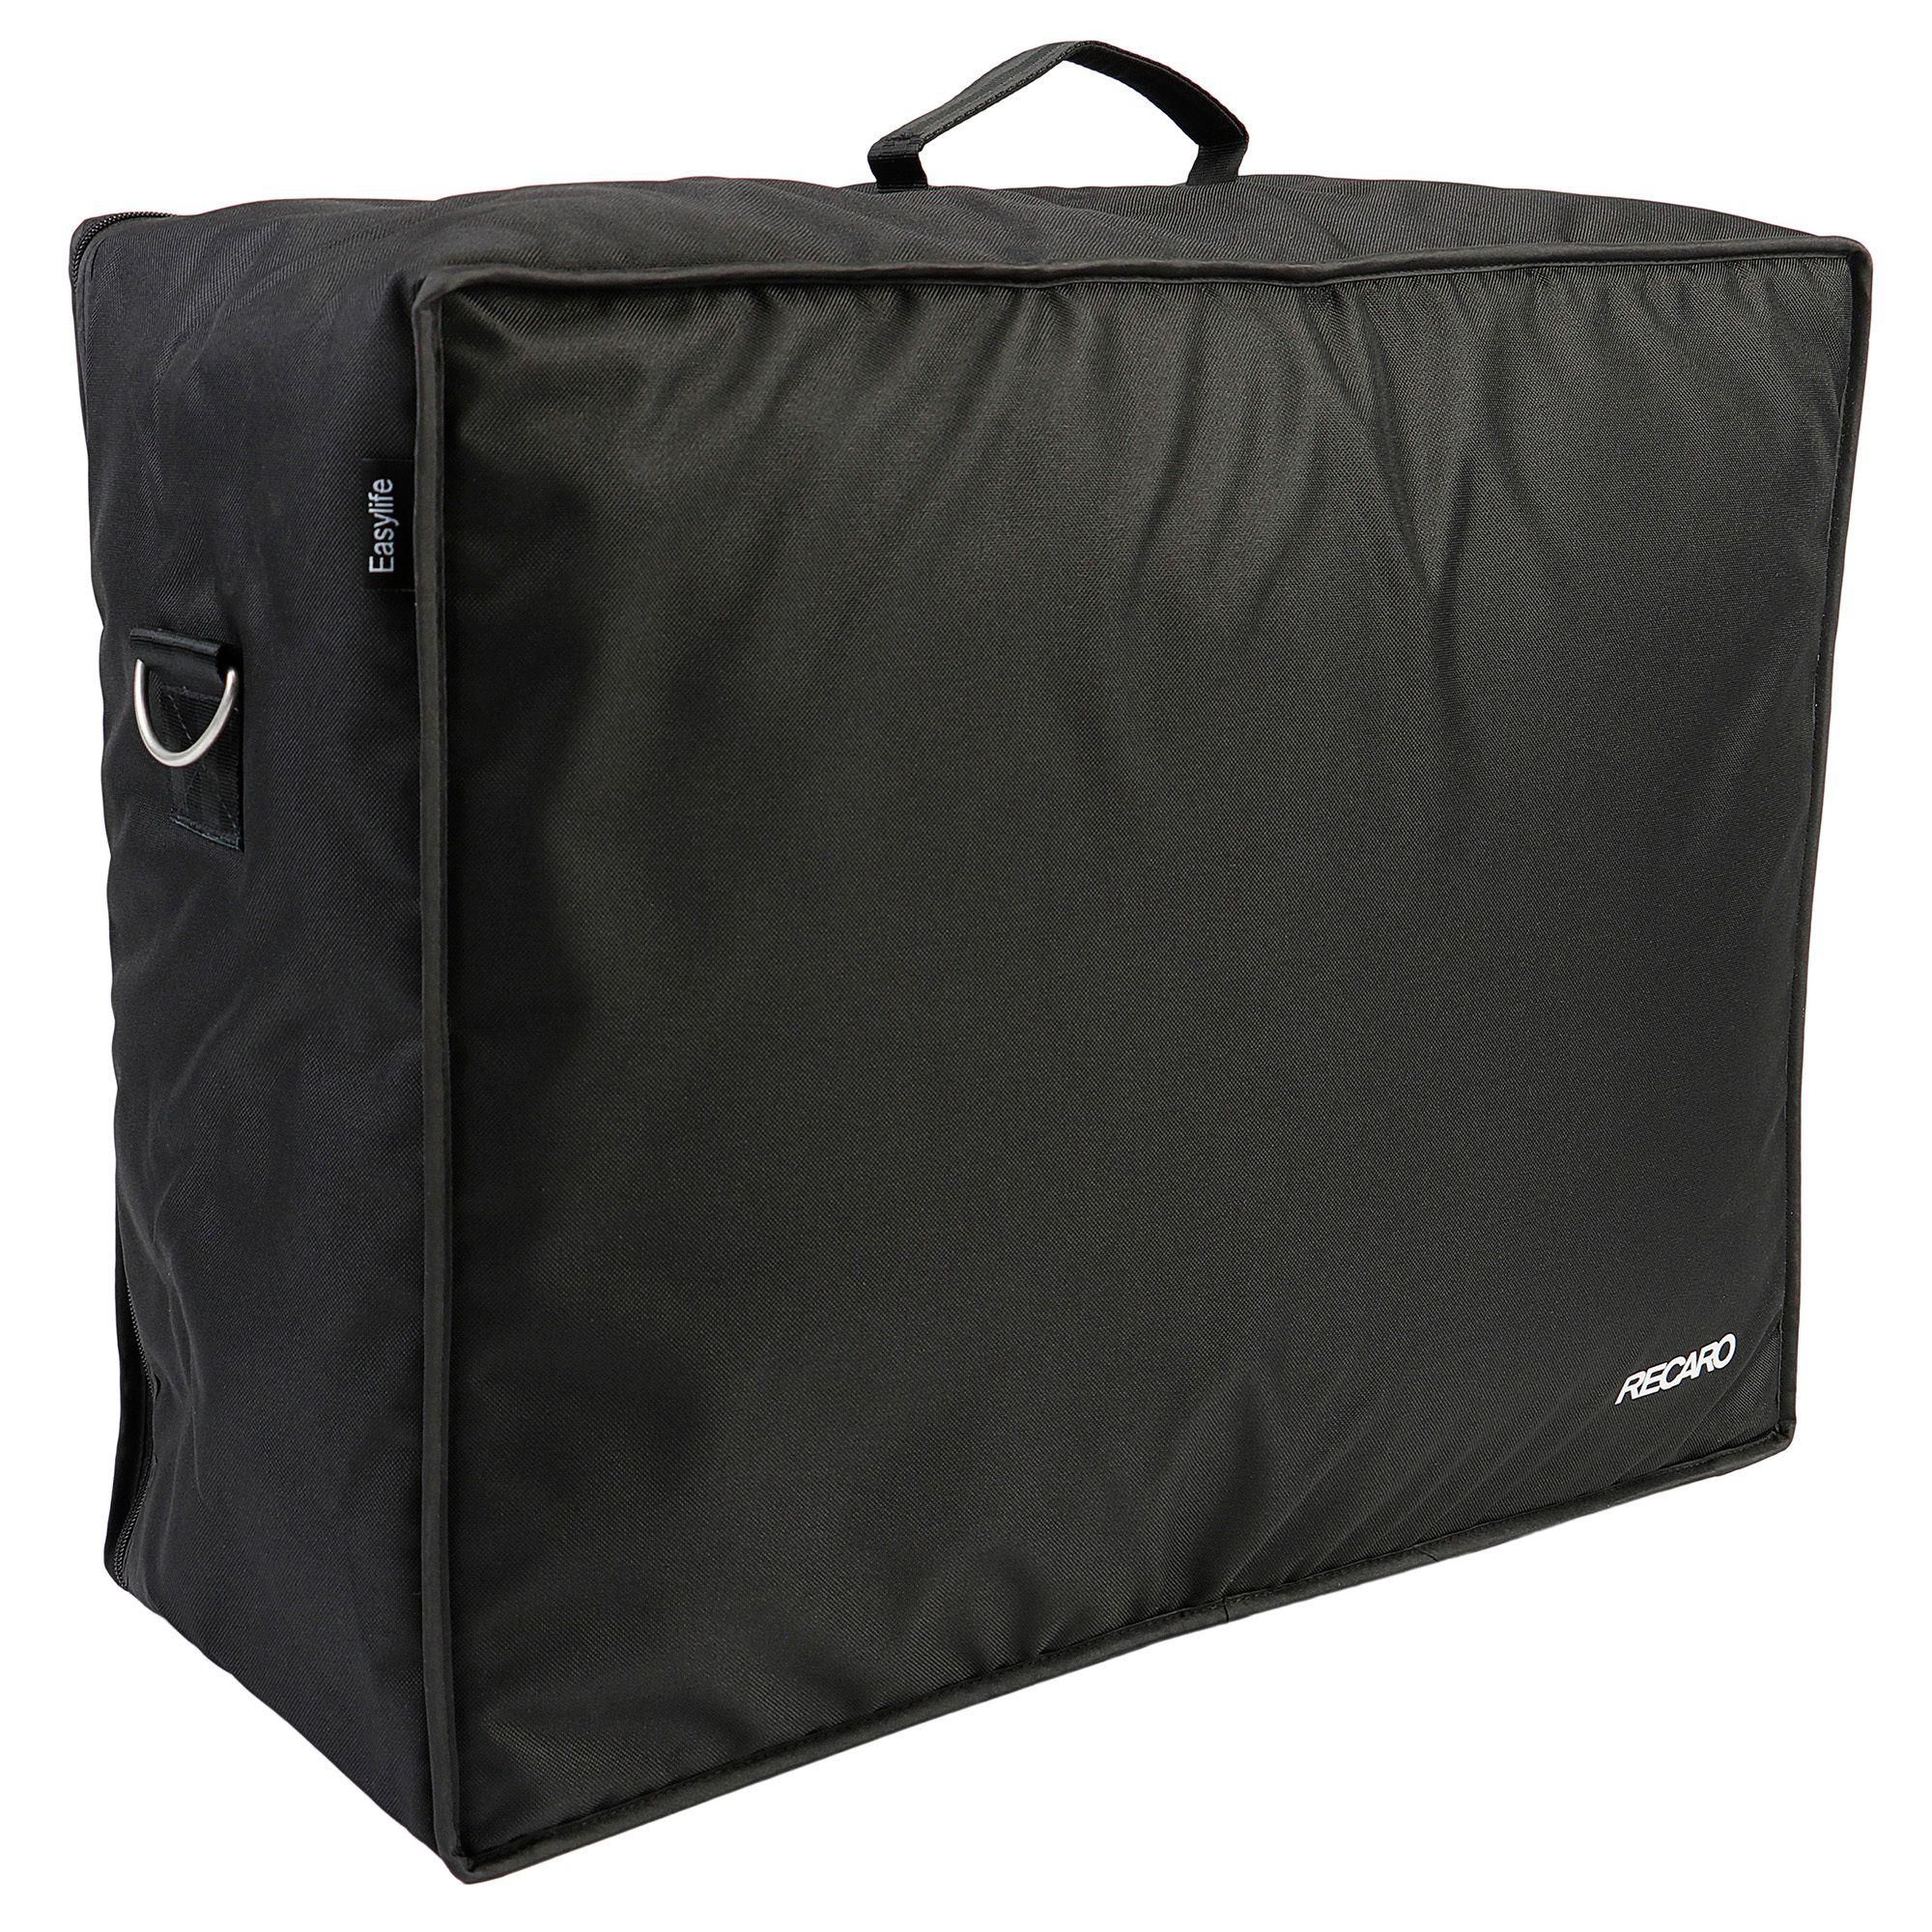 کیف حمل کالسکه ریکارو مدل 8622 Travel Bag